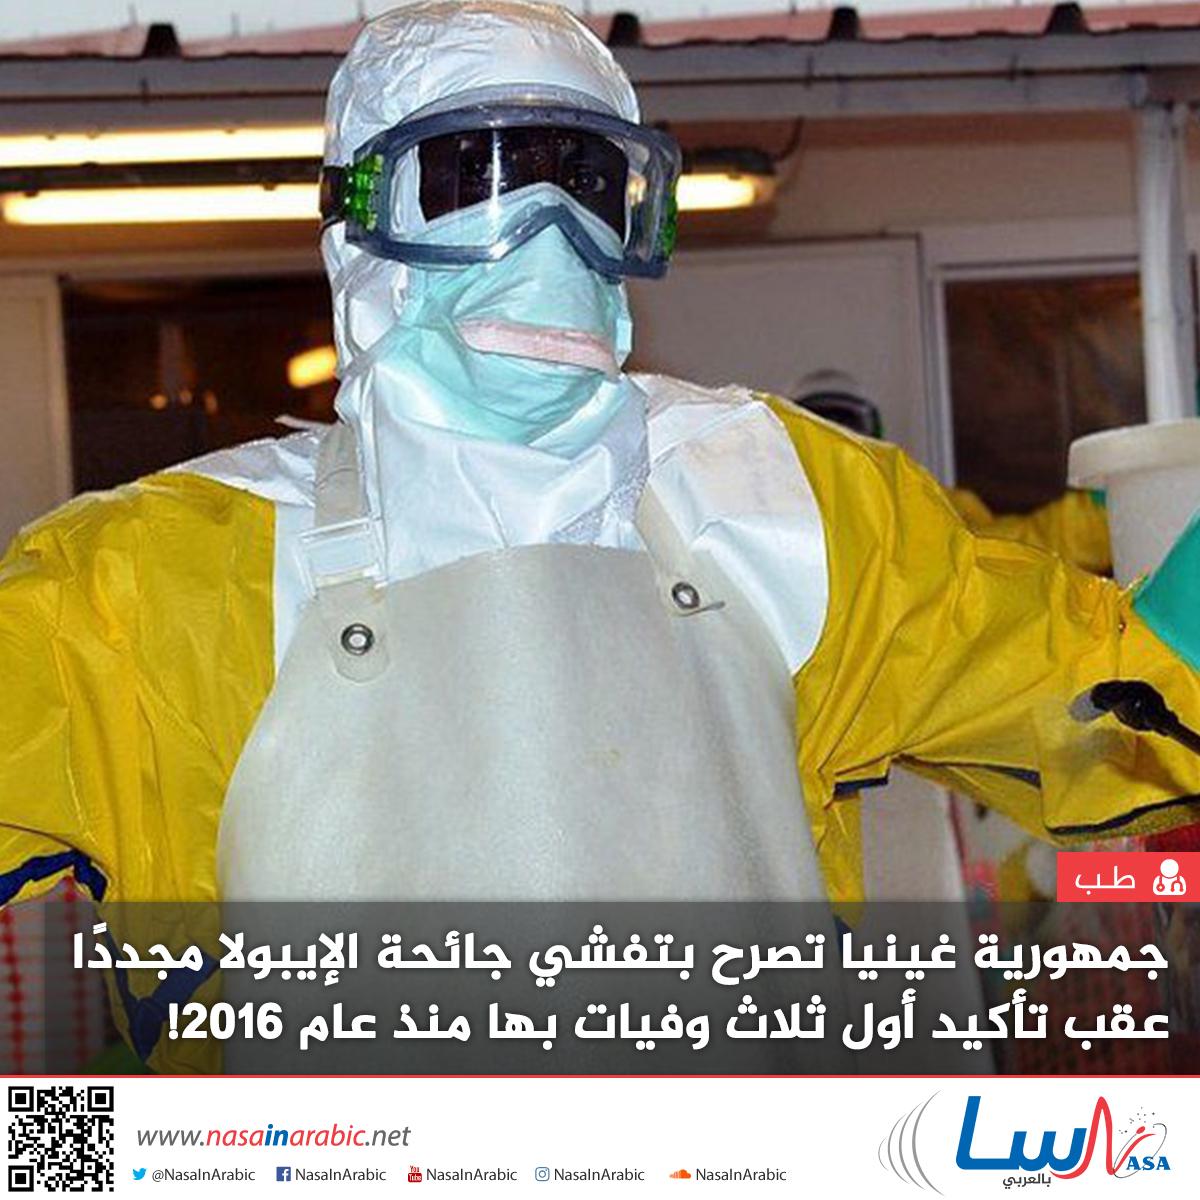 جمهورية غينيا تصرح بتفشي جائحة الإيبولا مجددًا عقب تأكيد أول ثلاث وفيات بها منذ عام 2016!